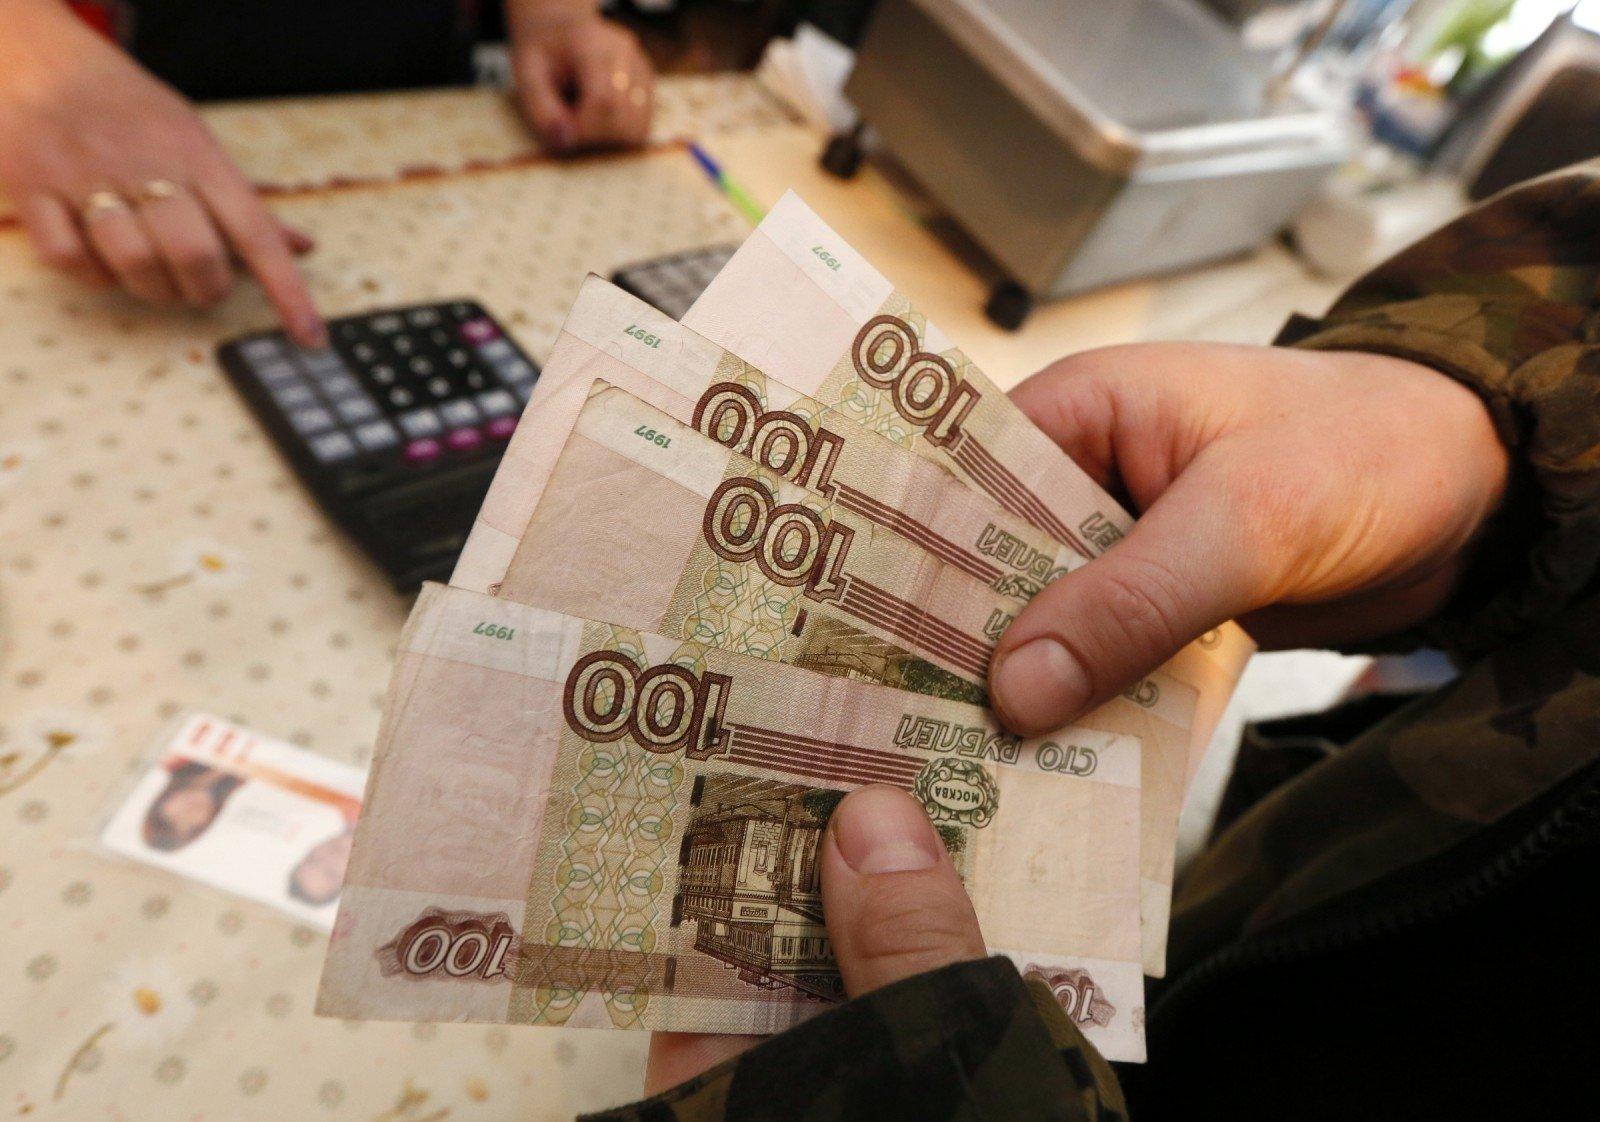 finansinio darbuotojo ar brokerio pagalba volgograde pinigai kaip uždirbti mainus